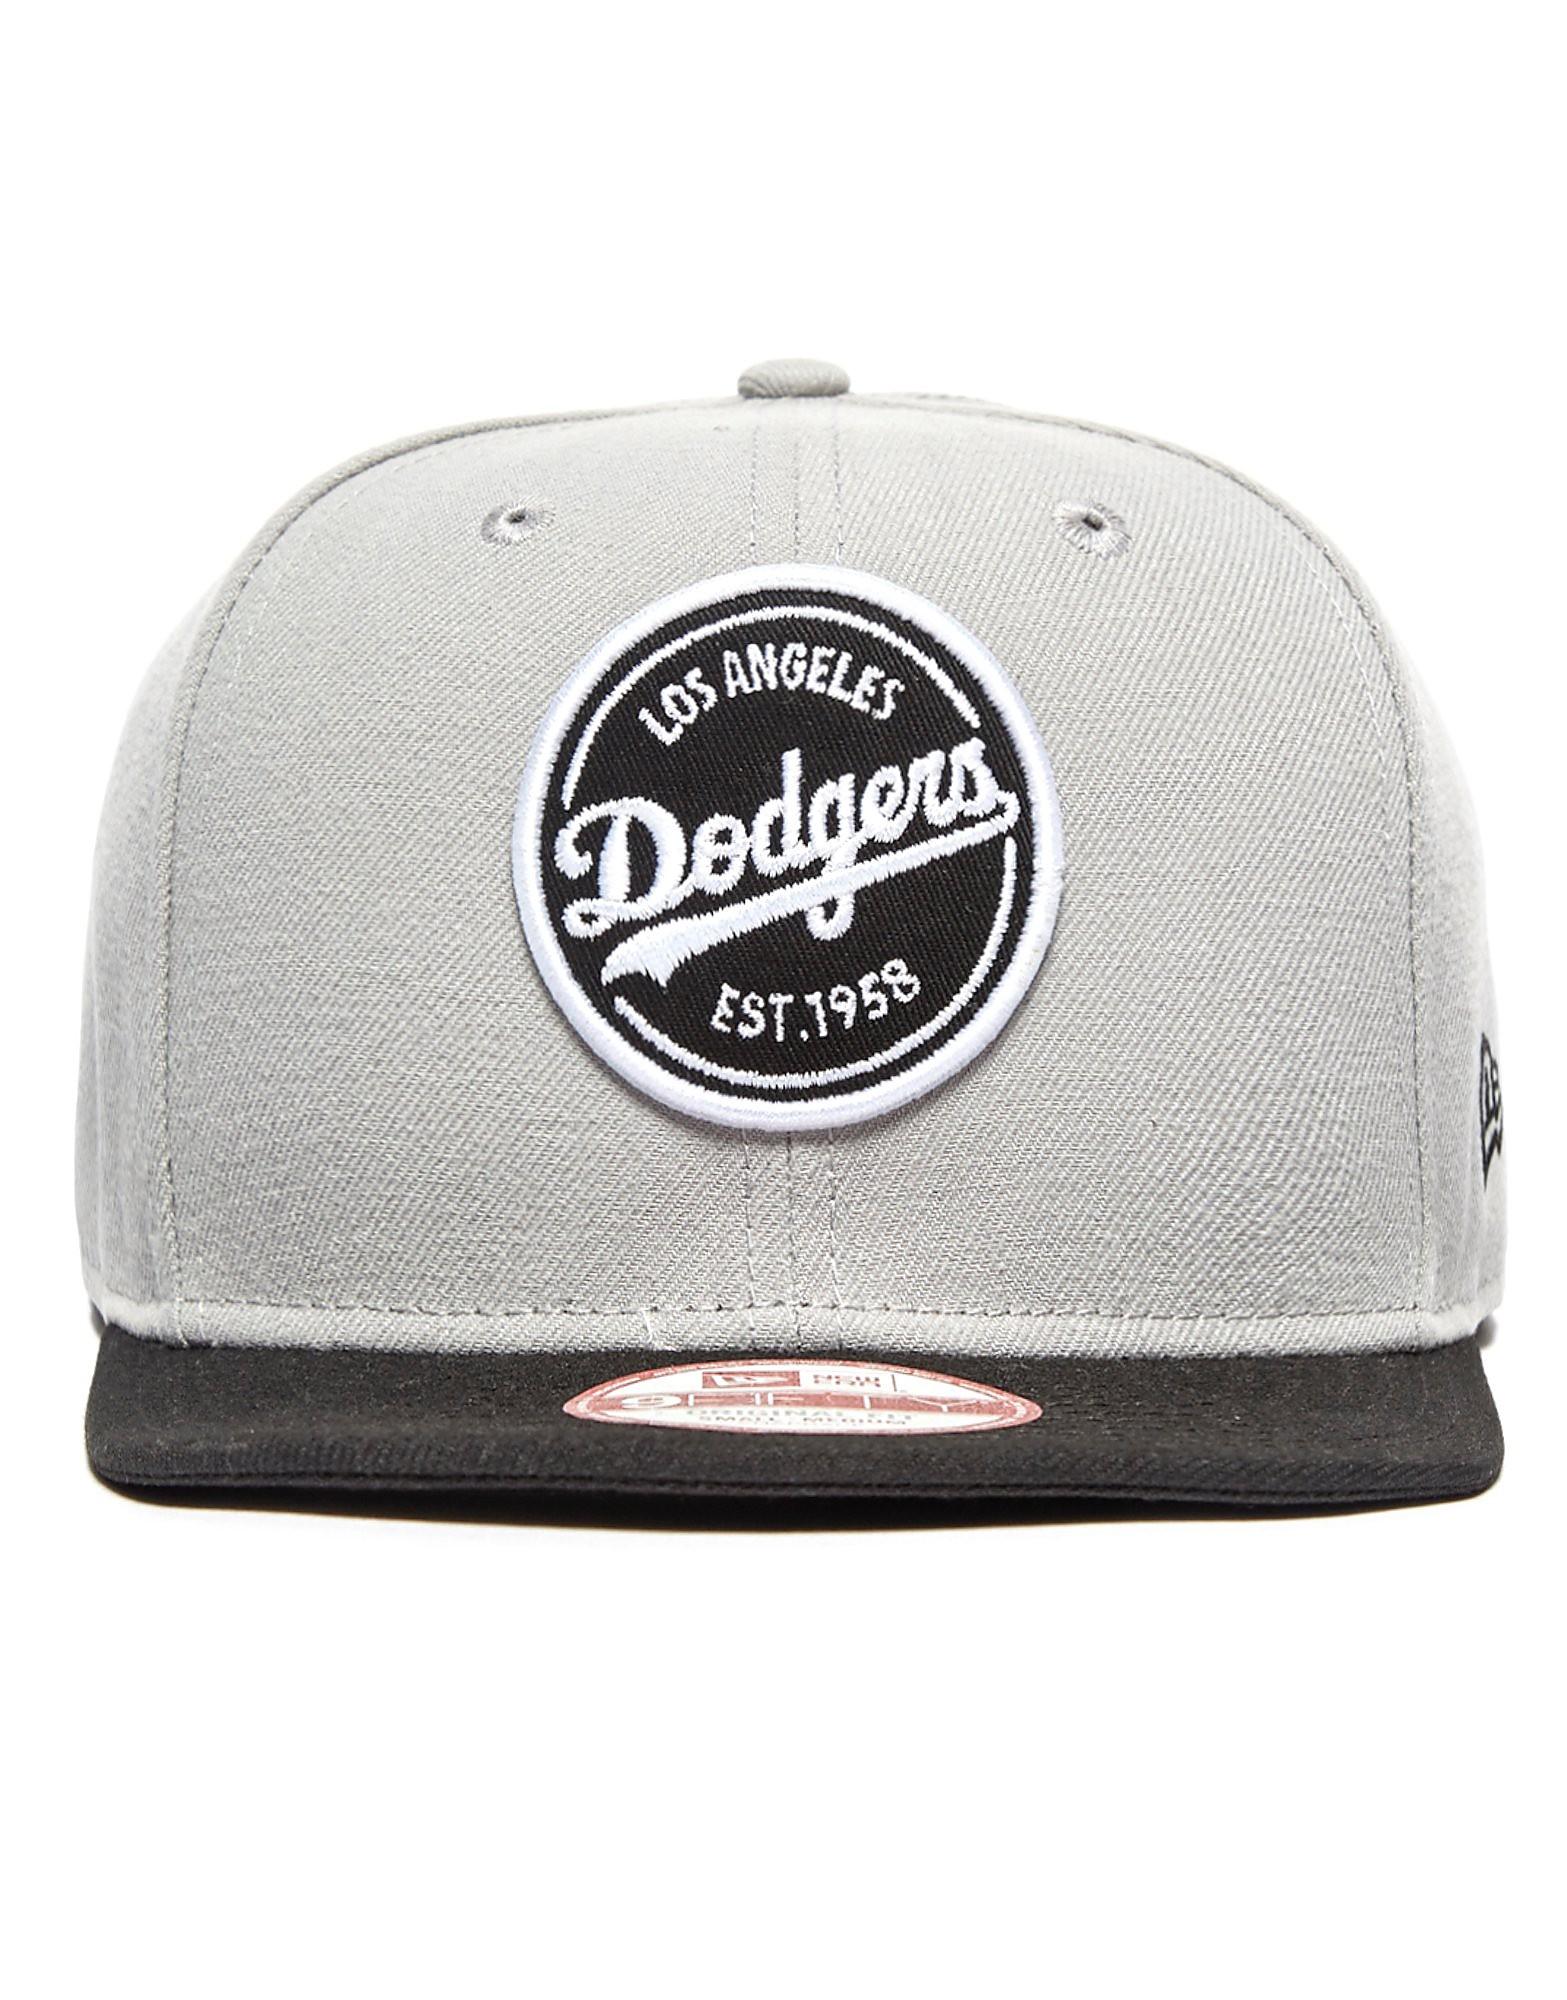 New Era MLB Los Angeles Dodgers 9FIFTY Emblem Snapback Cap